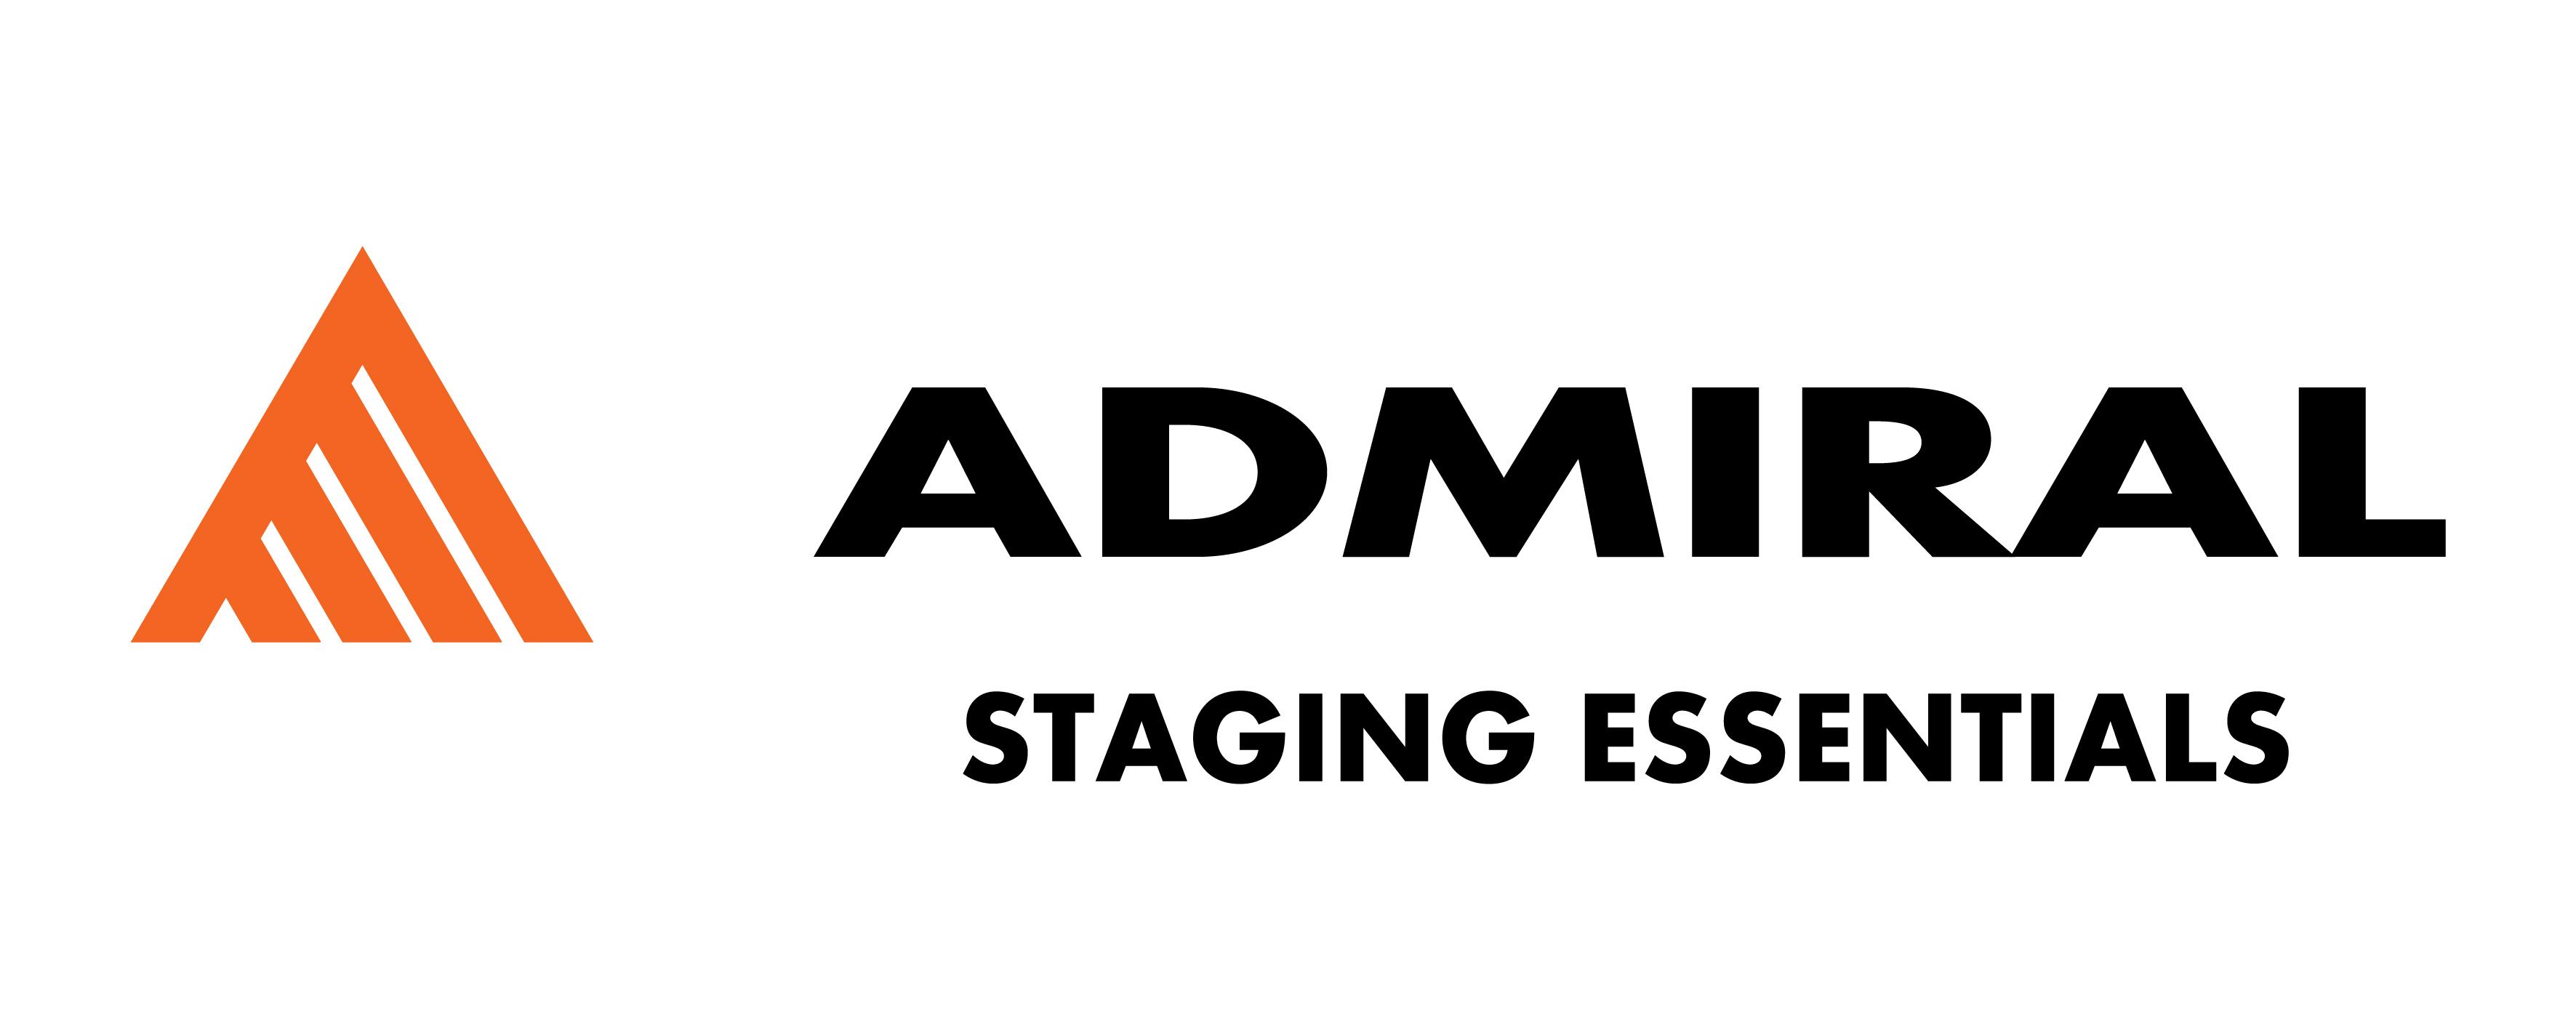 Wer ist eigentlich Admiral? - Licht-produktiv blog